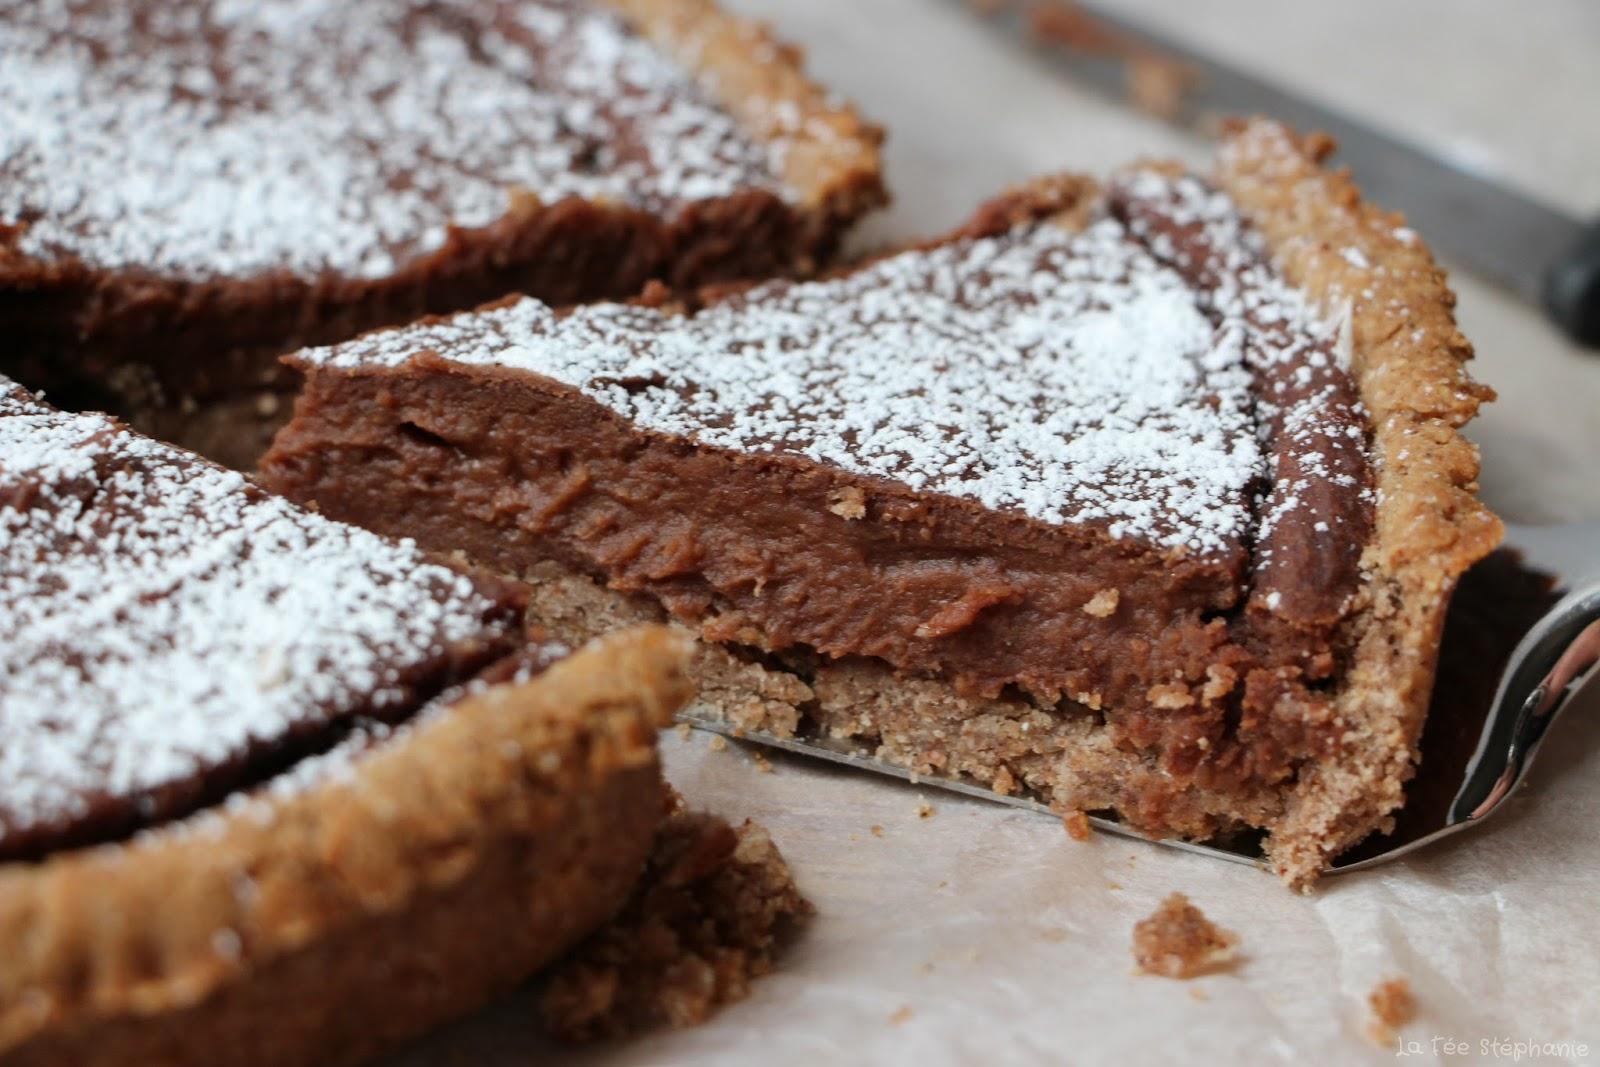 Crostata alla crema di castagne e cioccolato tarte la cr me de ch taignes et chocolat un - Dessert vegan sans gluten ...